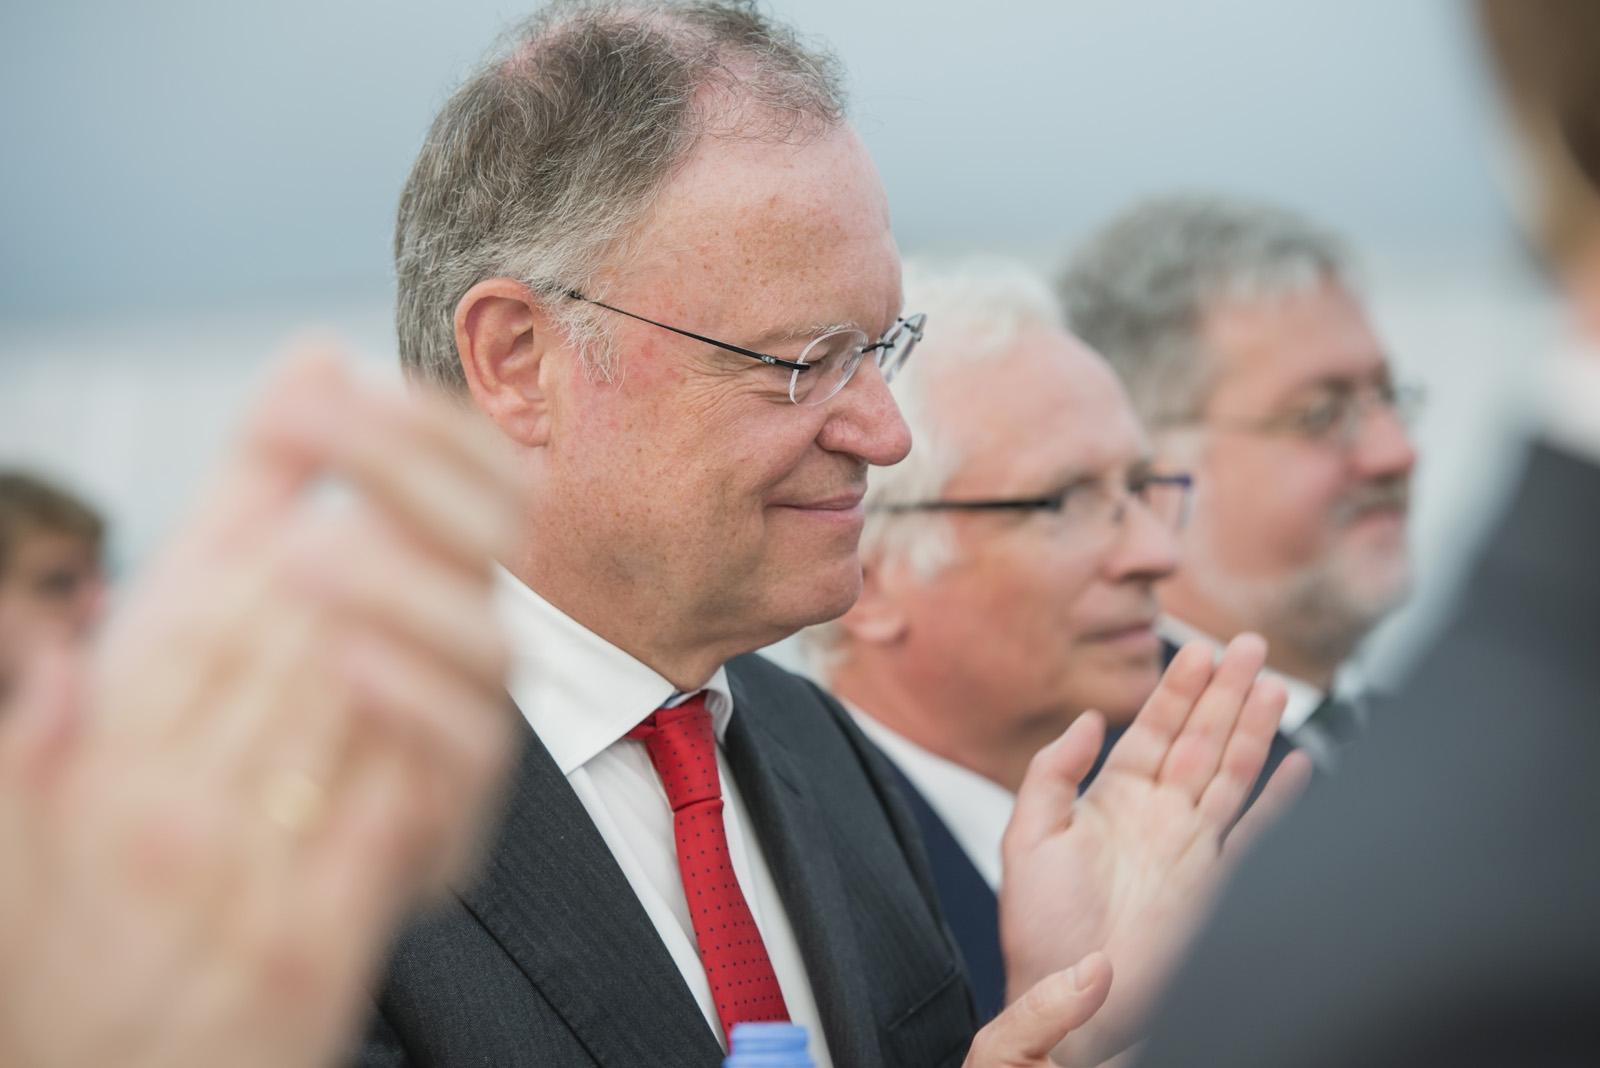 Eröffnung des neuen DLR-Instituts in Oldenburg